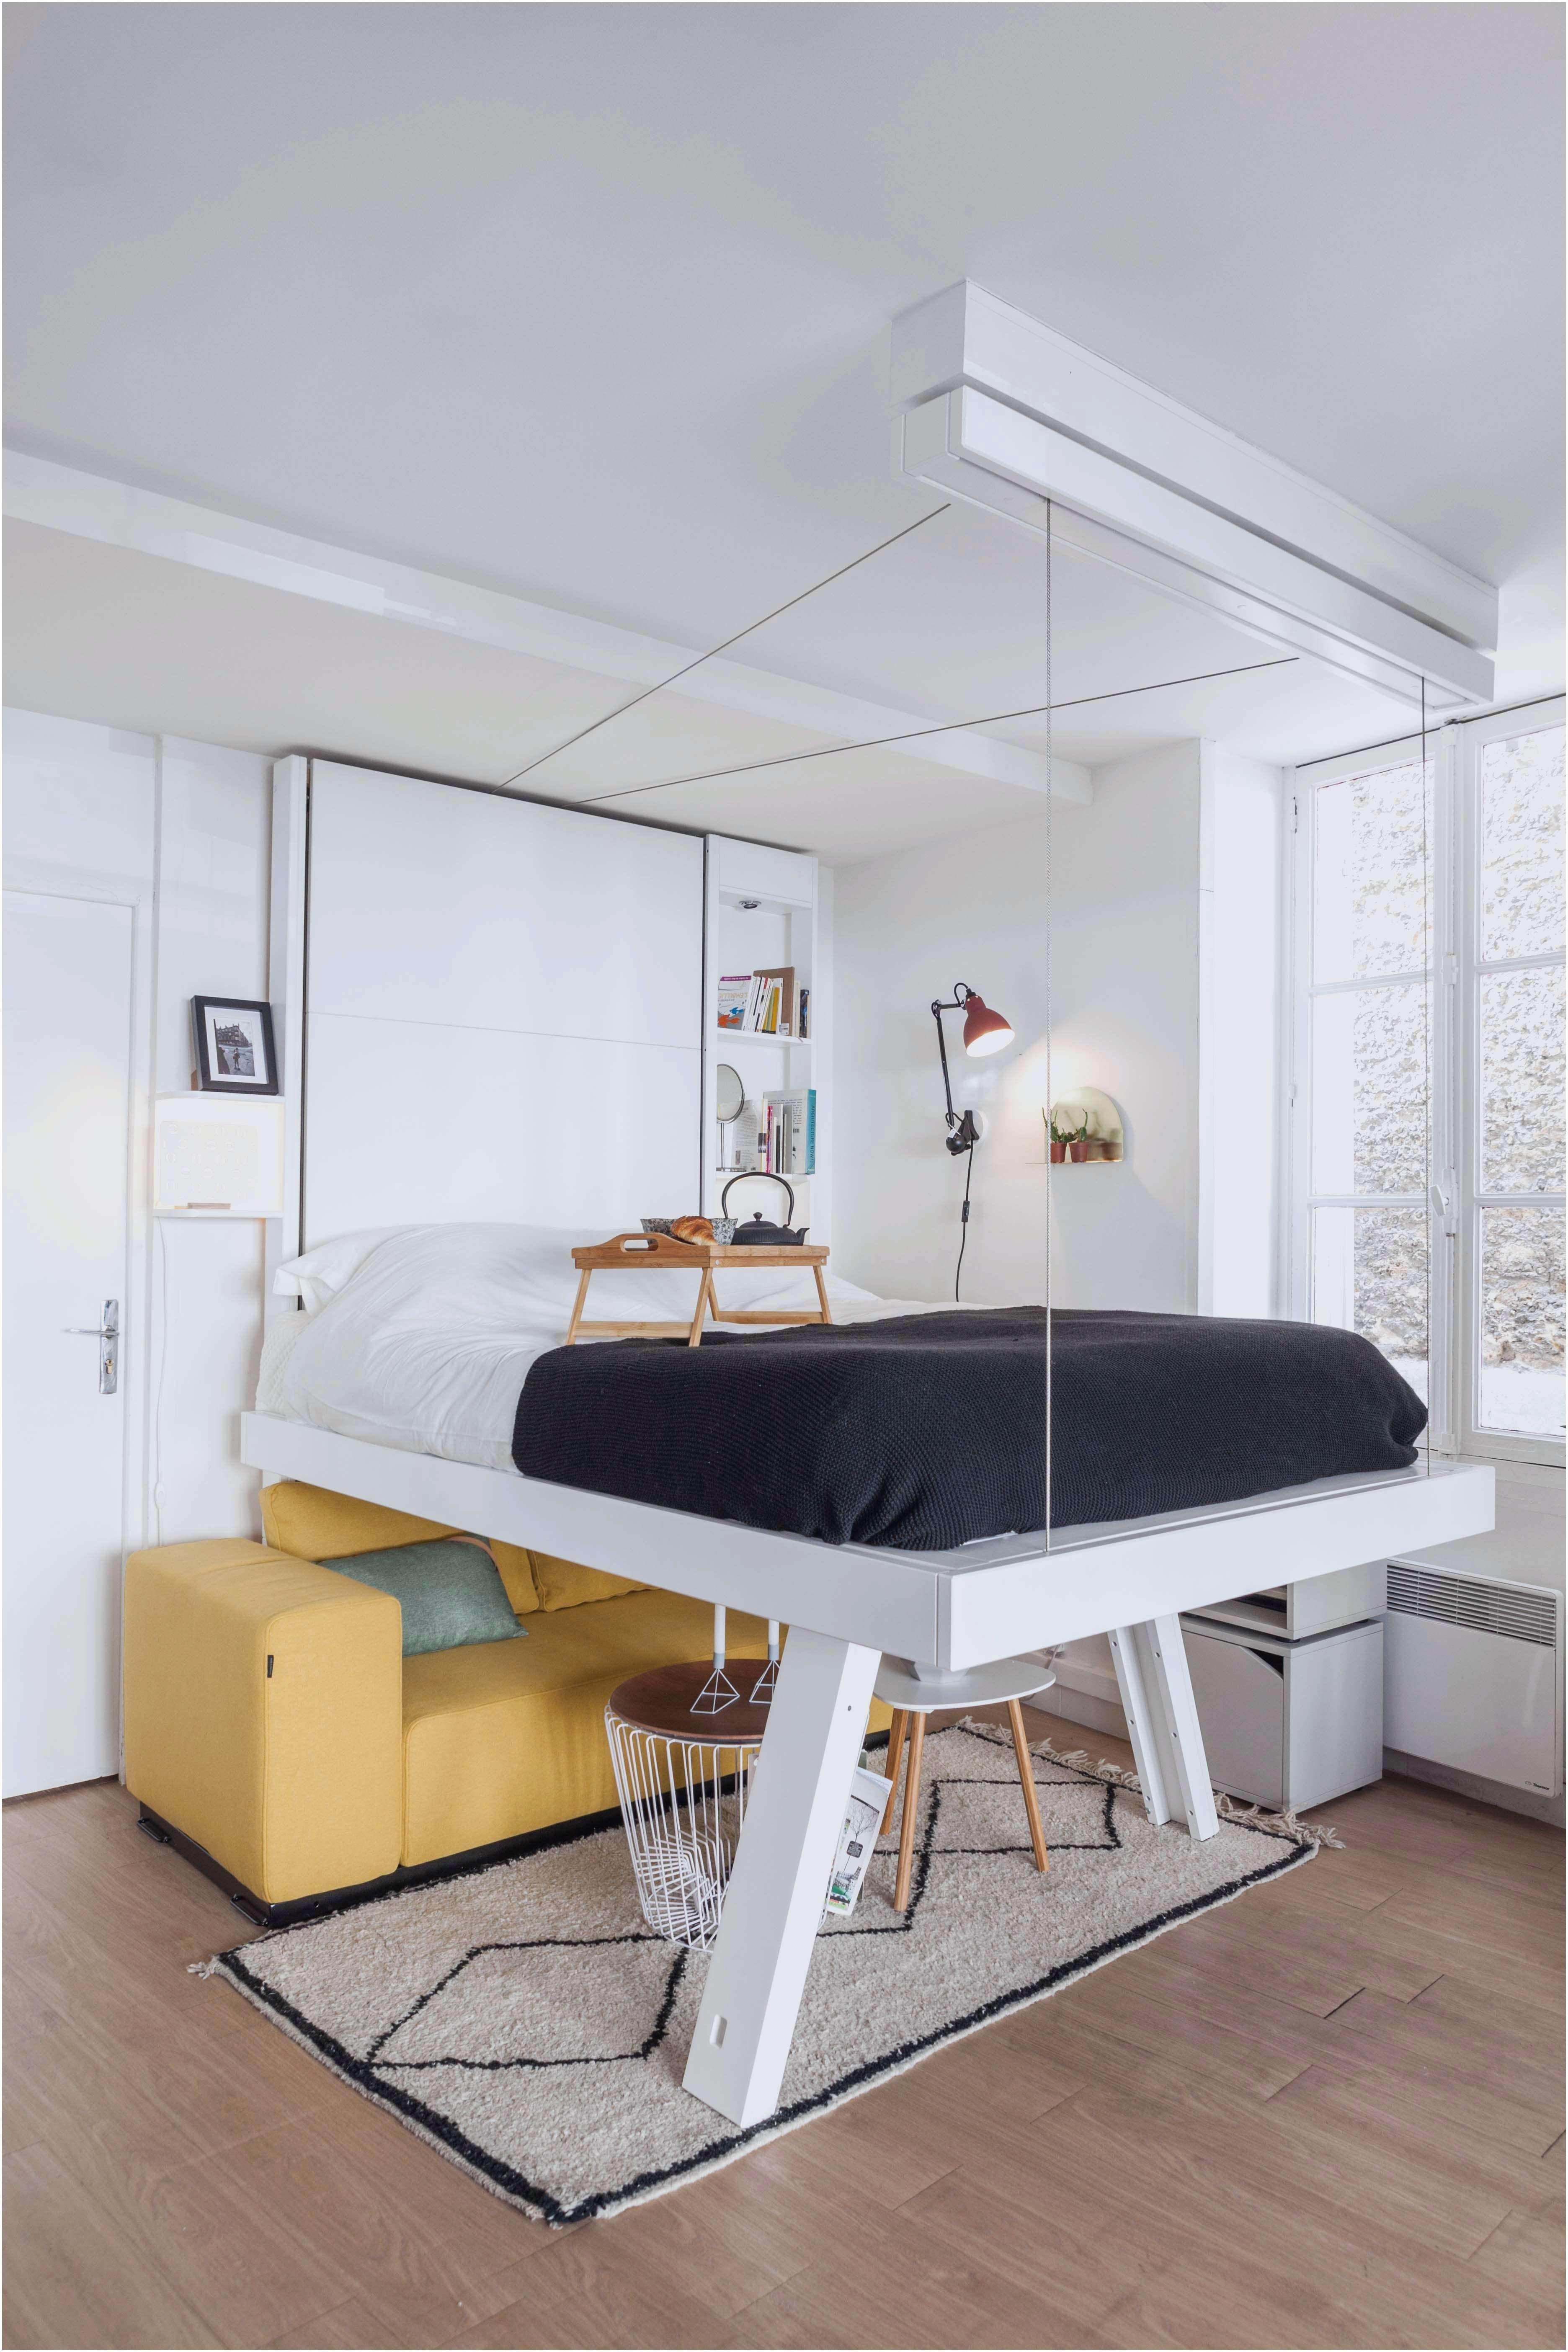 Lit Mezzanine Avec Rangement Unique Inspiré Lit Mezzanine 1 Place Avec Bureau Frais Lit Mezzanine 2